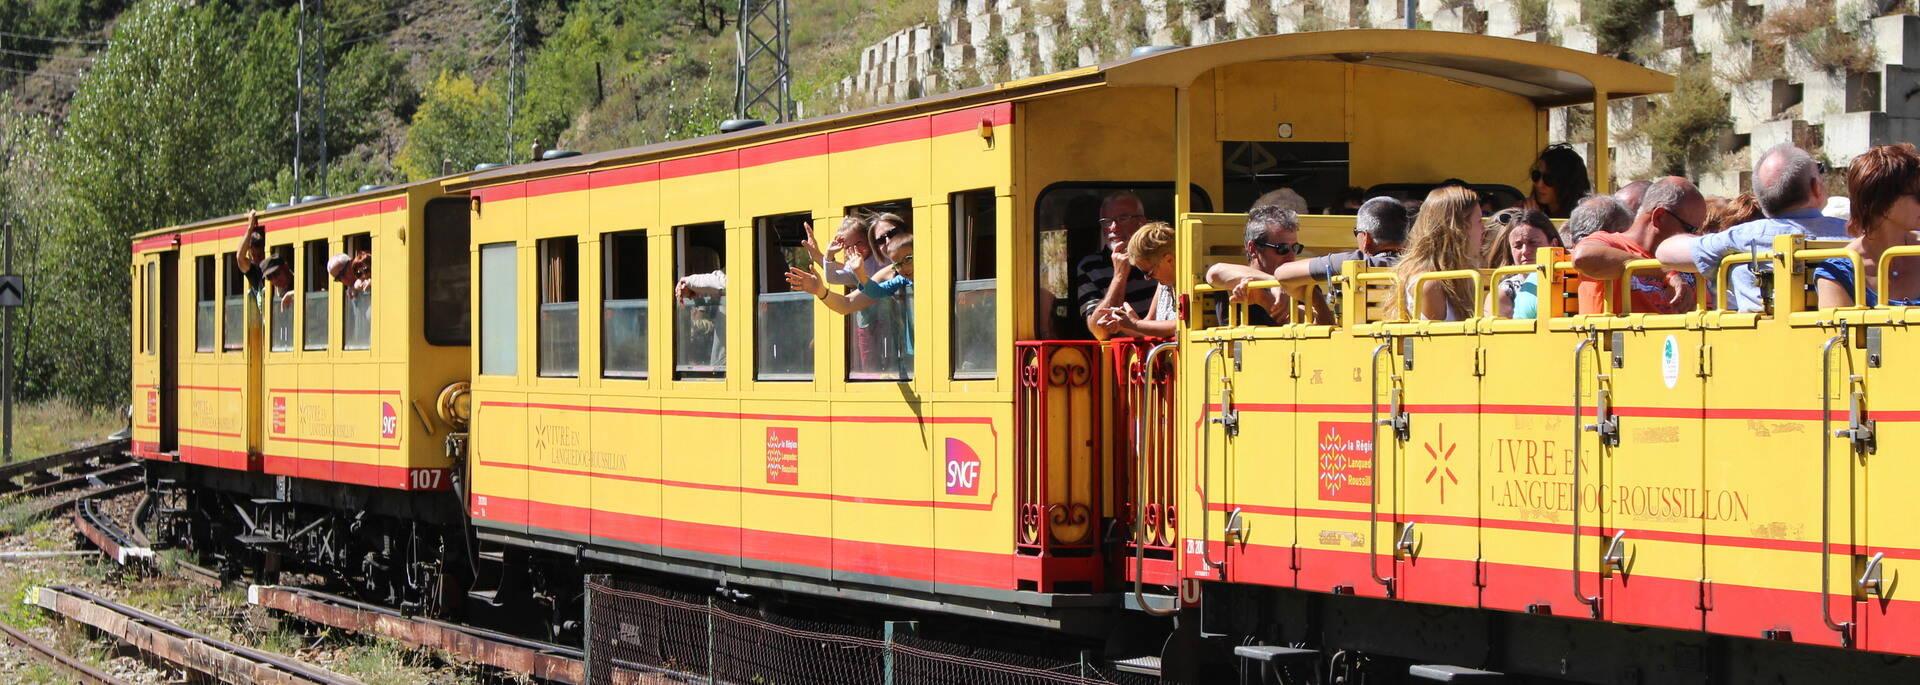 départ train jaune